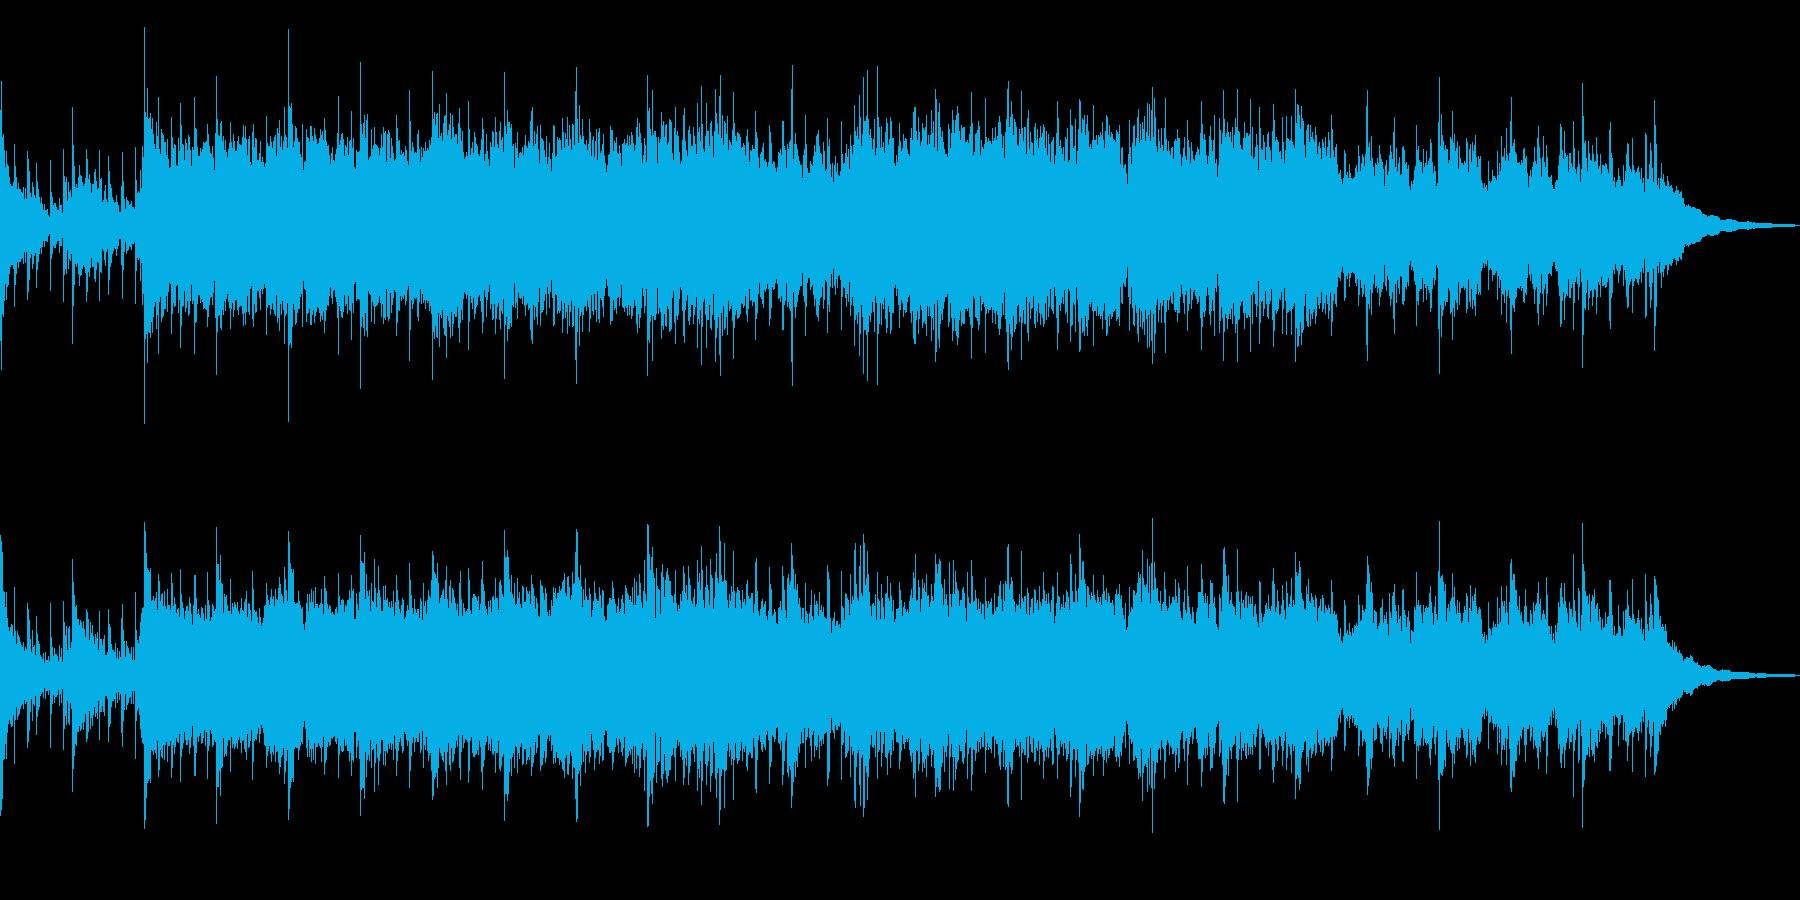 和風でおおらかなイメージのBGMの再生済みの波形